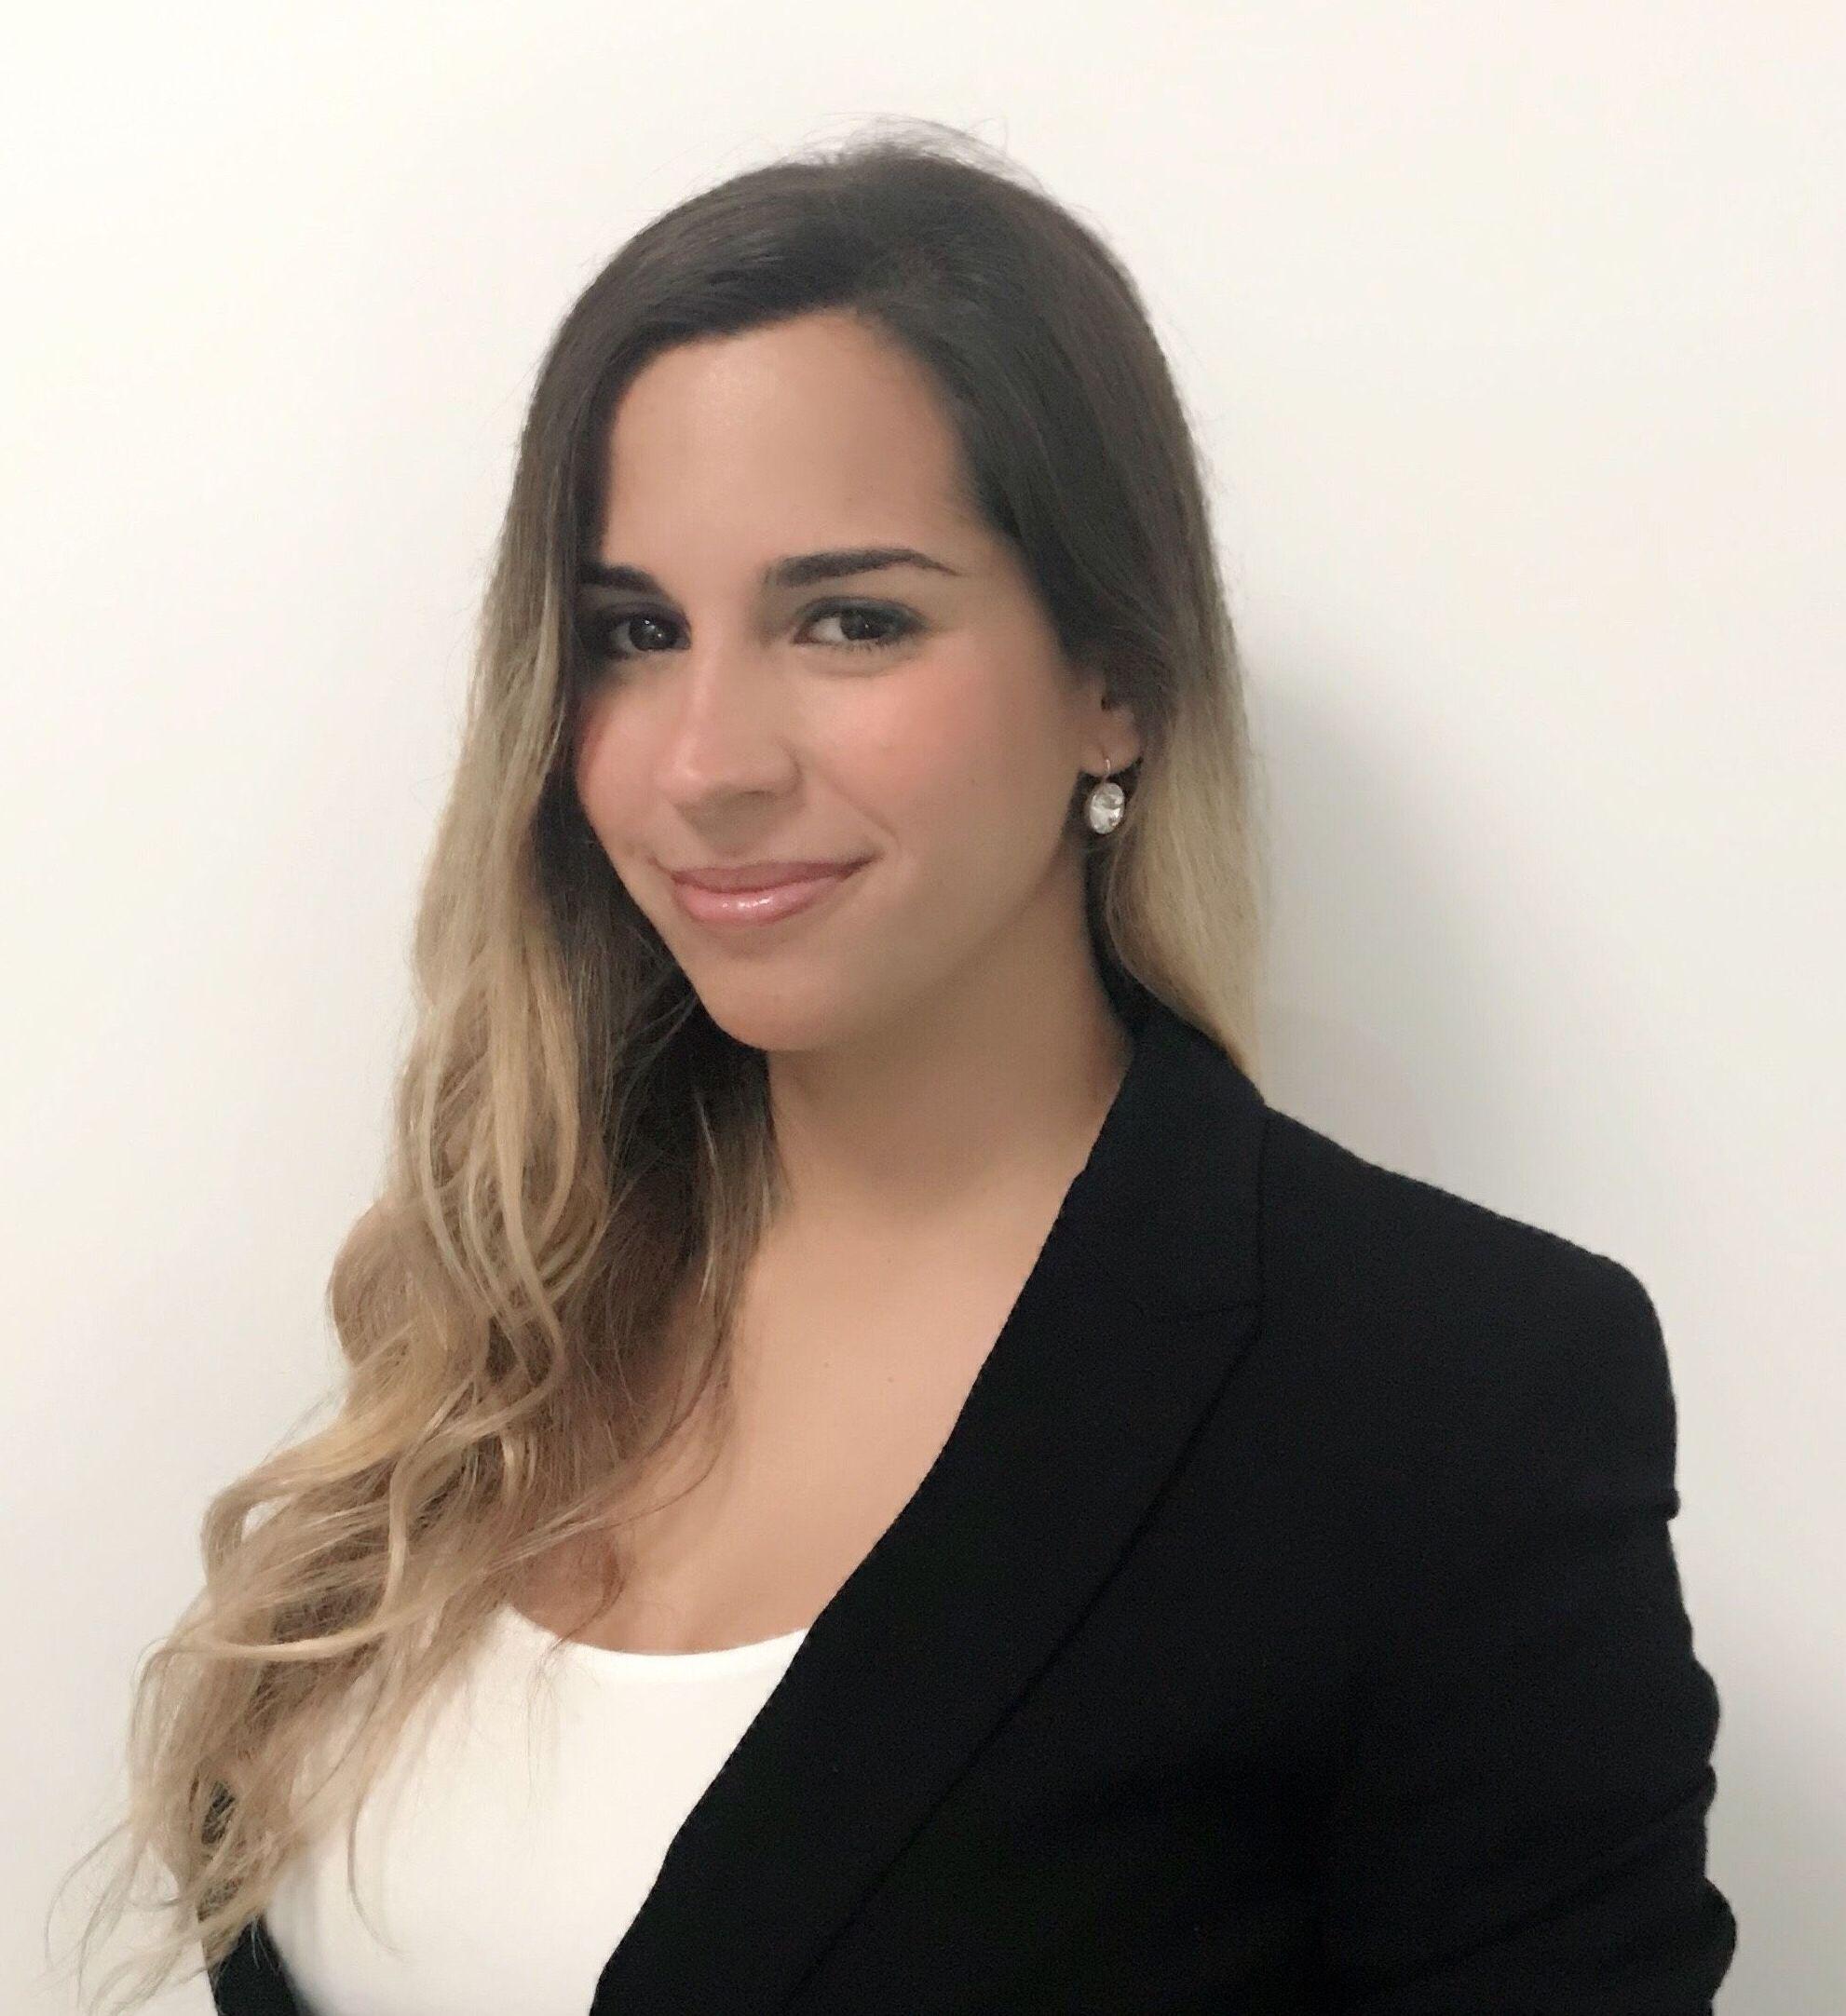 Ana Berenis Vega - Responsable de Marketing y Recepción - Clínica dental AD/AD